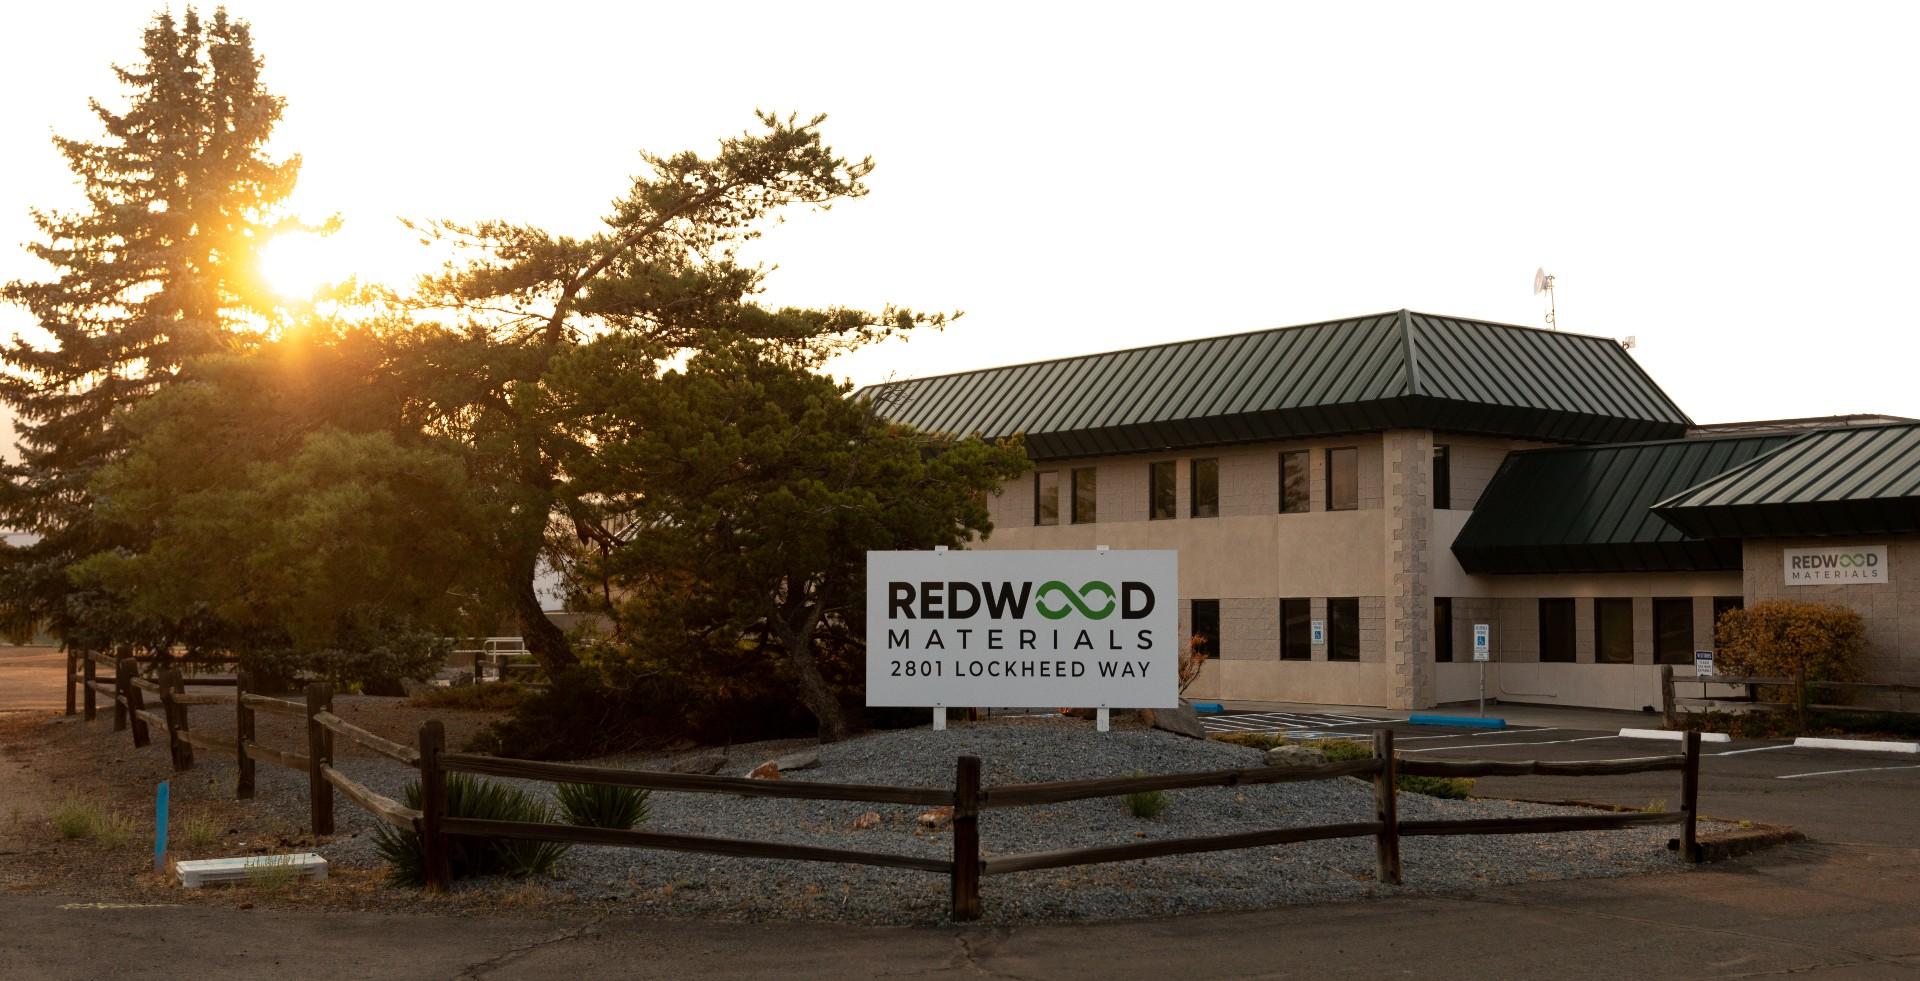 Redwood Materials открывает новый объект в нескольких милях от Tesla Giga Nevada